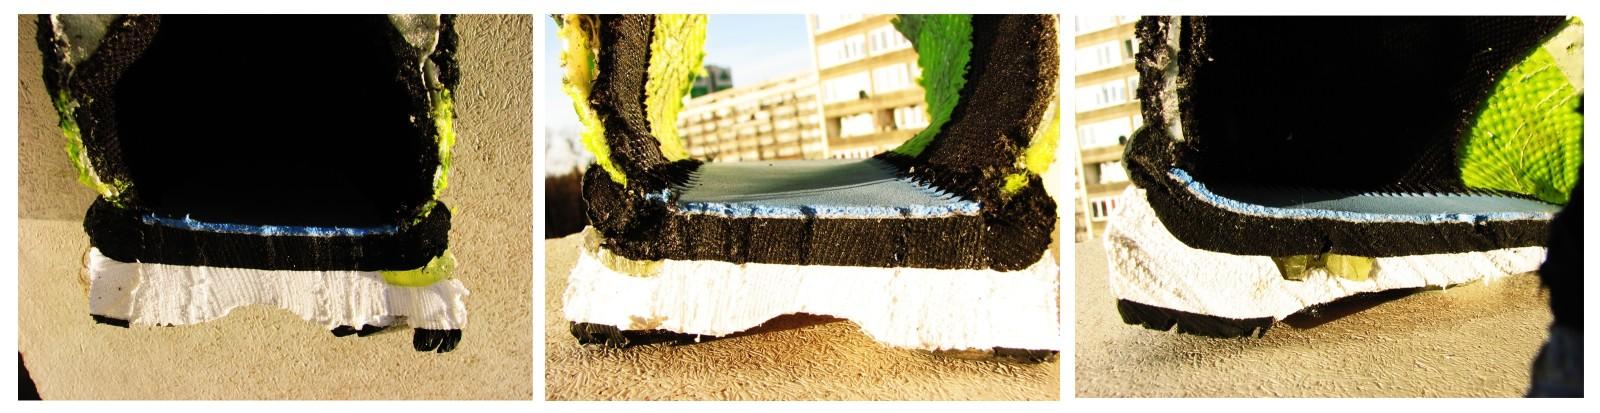 podeszwa butów do biegania